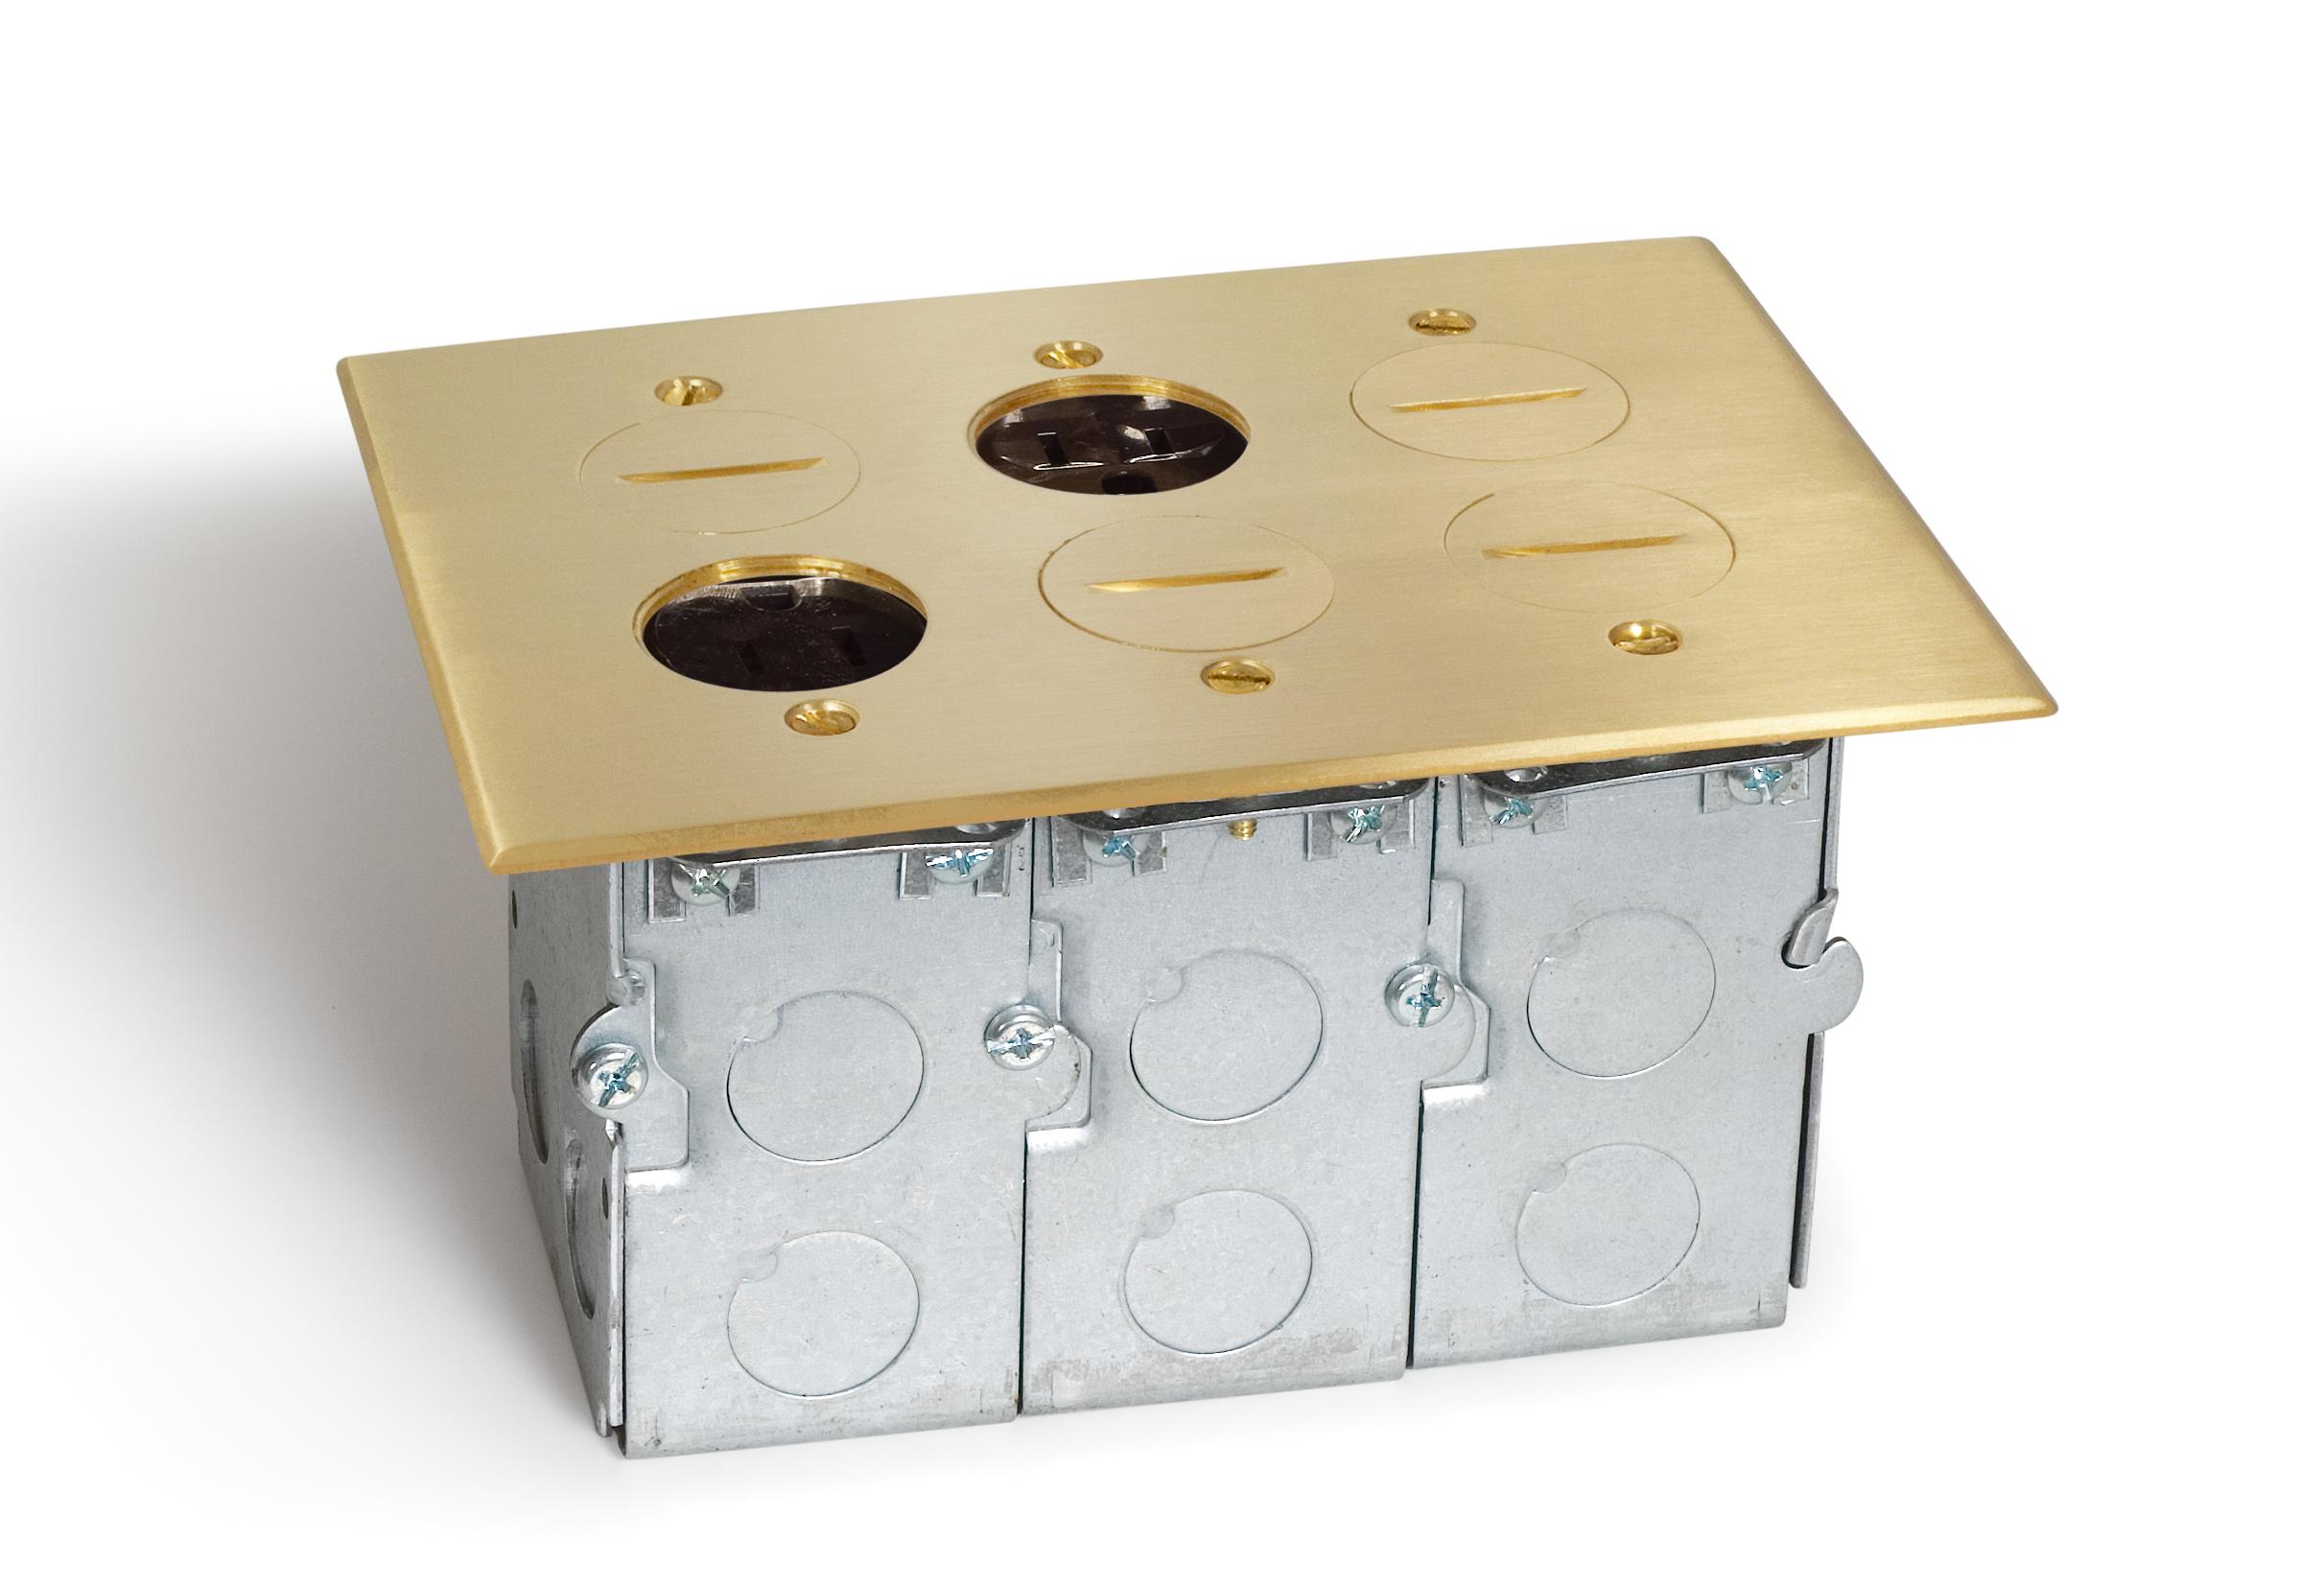 SCREWLID 3 GANG BOX, 3-DPLX & 1-QUAD